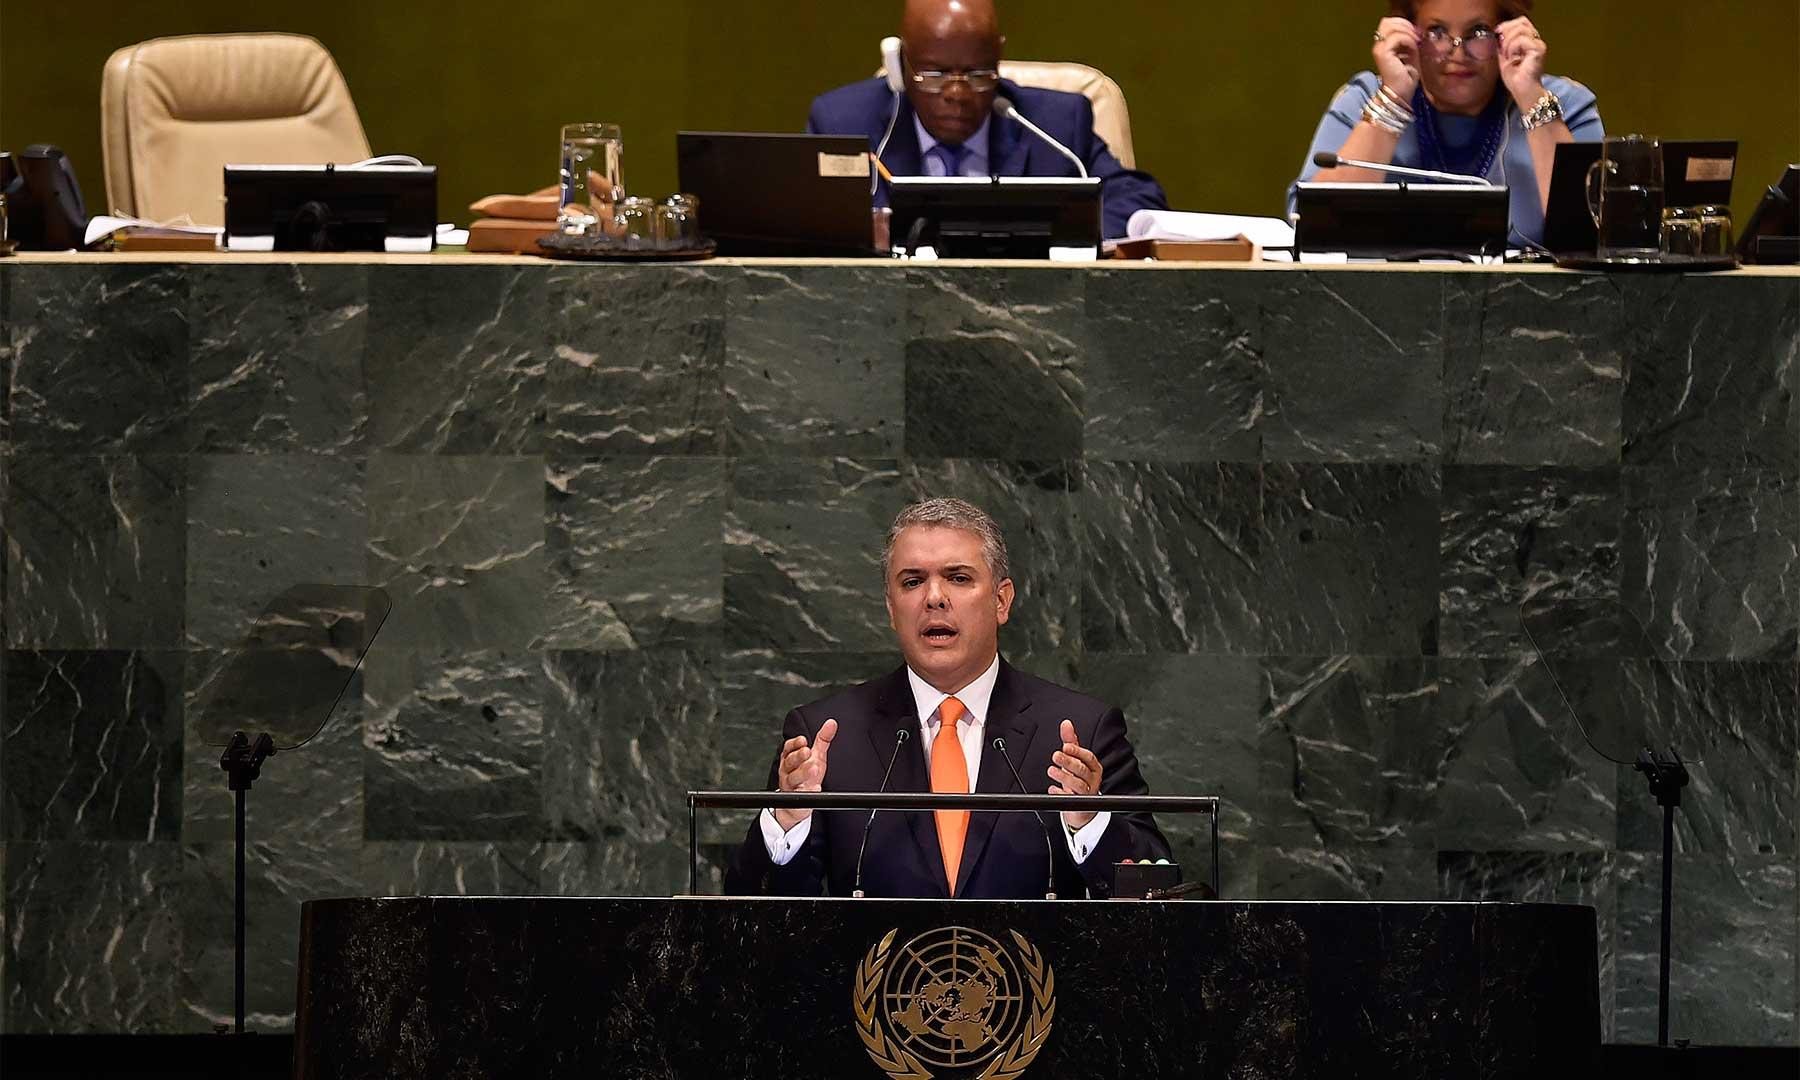 No hay país que esté exento de la amenaza del narcotráfico, por lo cual este flagelo debe enfrentarse como un problema global: Presidente Duque